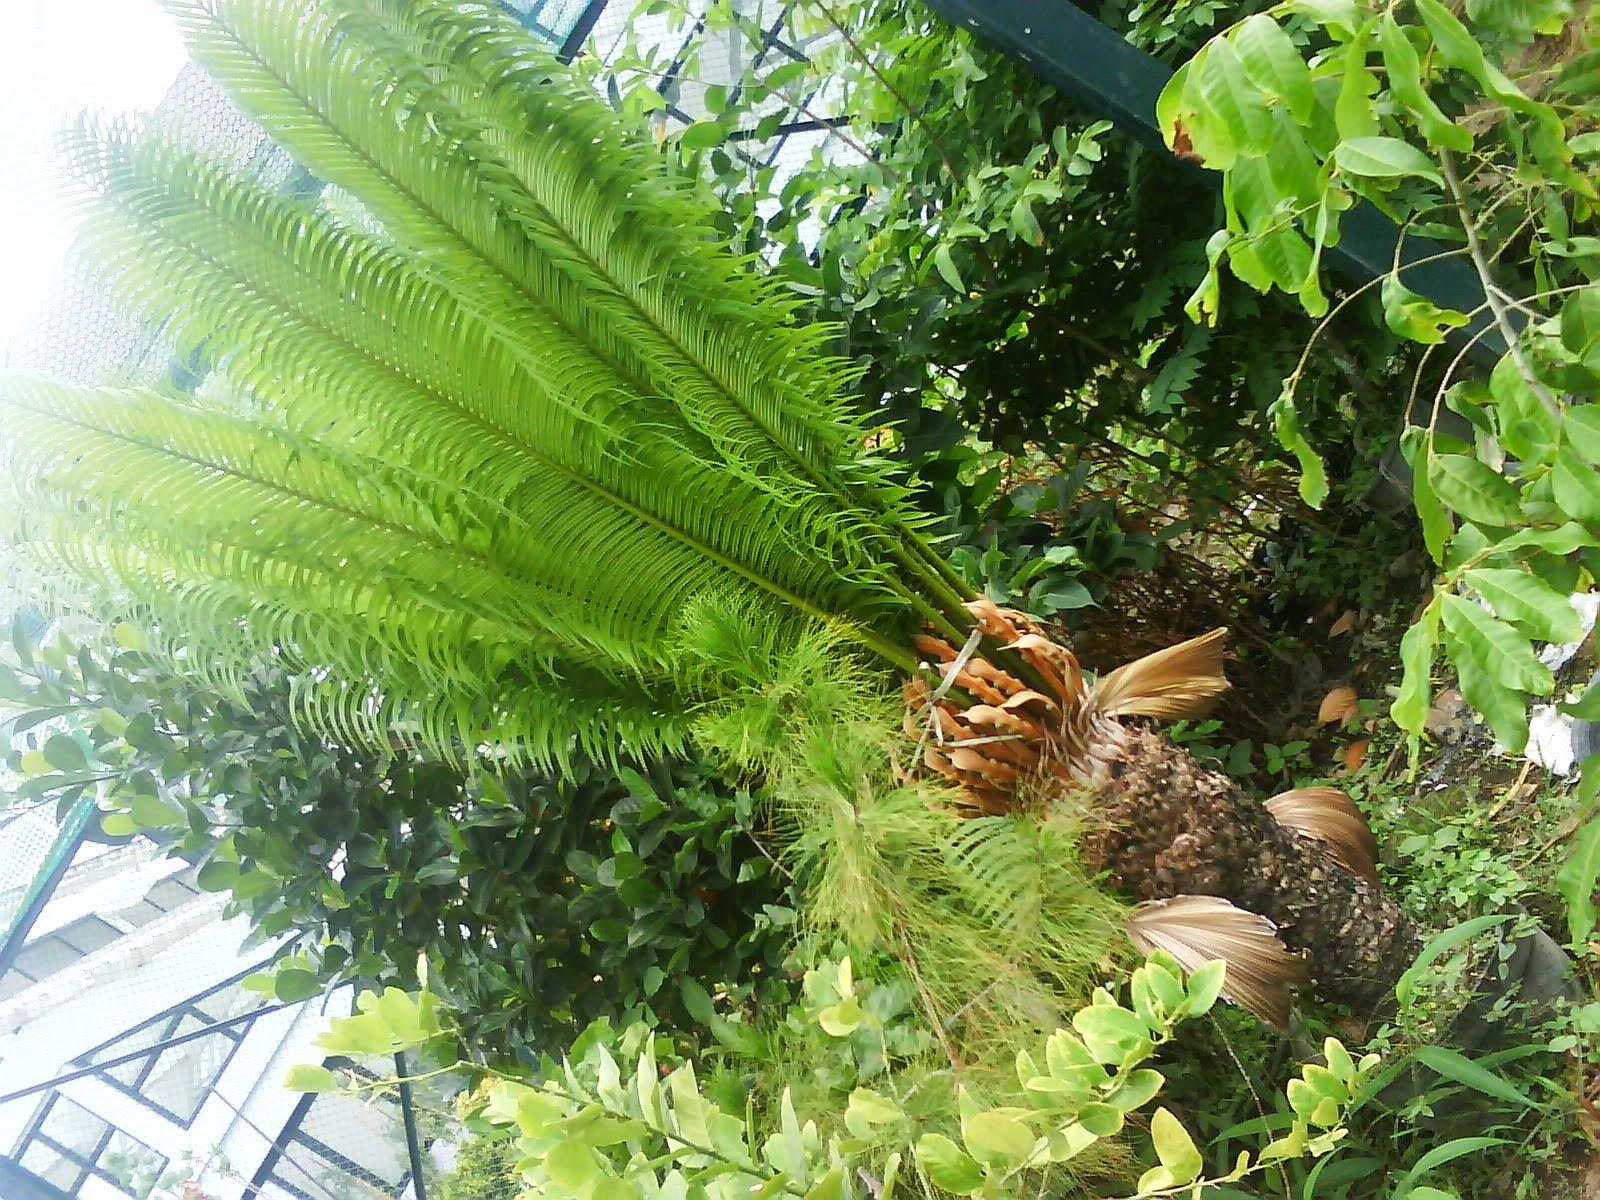 Jual pakis haji | supllier tanaman hias | jasa tukang taman | jasa tanam rumput